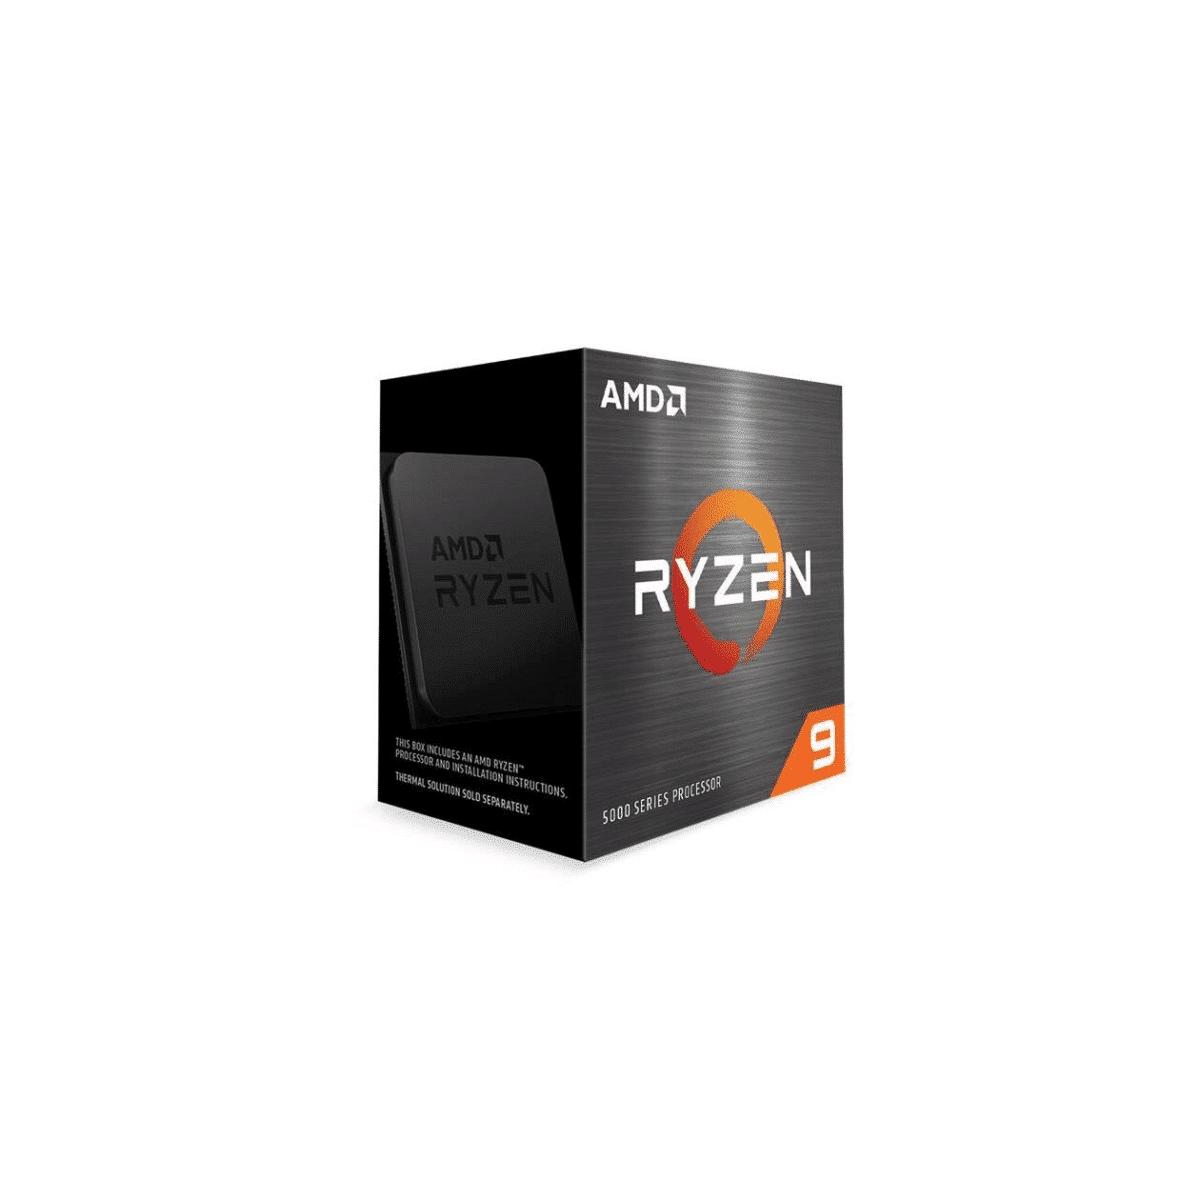 AMD Ryzen 5950X CPU - AMD Ryzen 9 16-core Socket AM4 3.4GHz Processor 100-100000059WOF